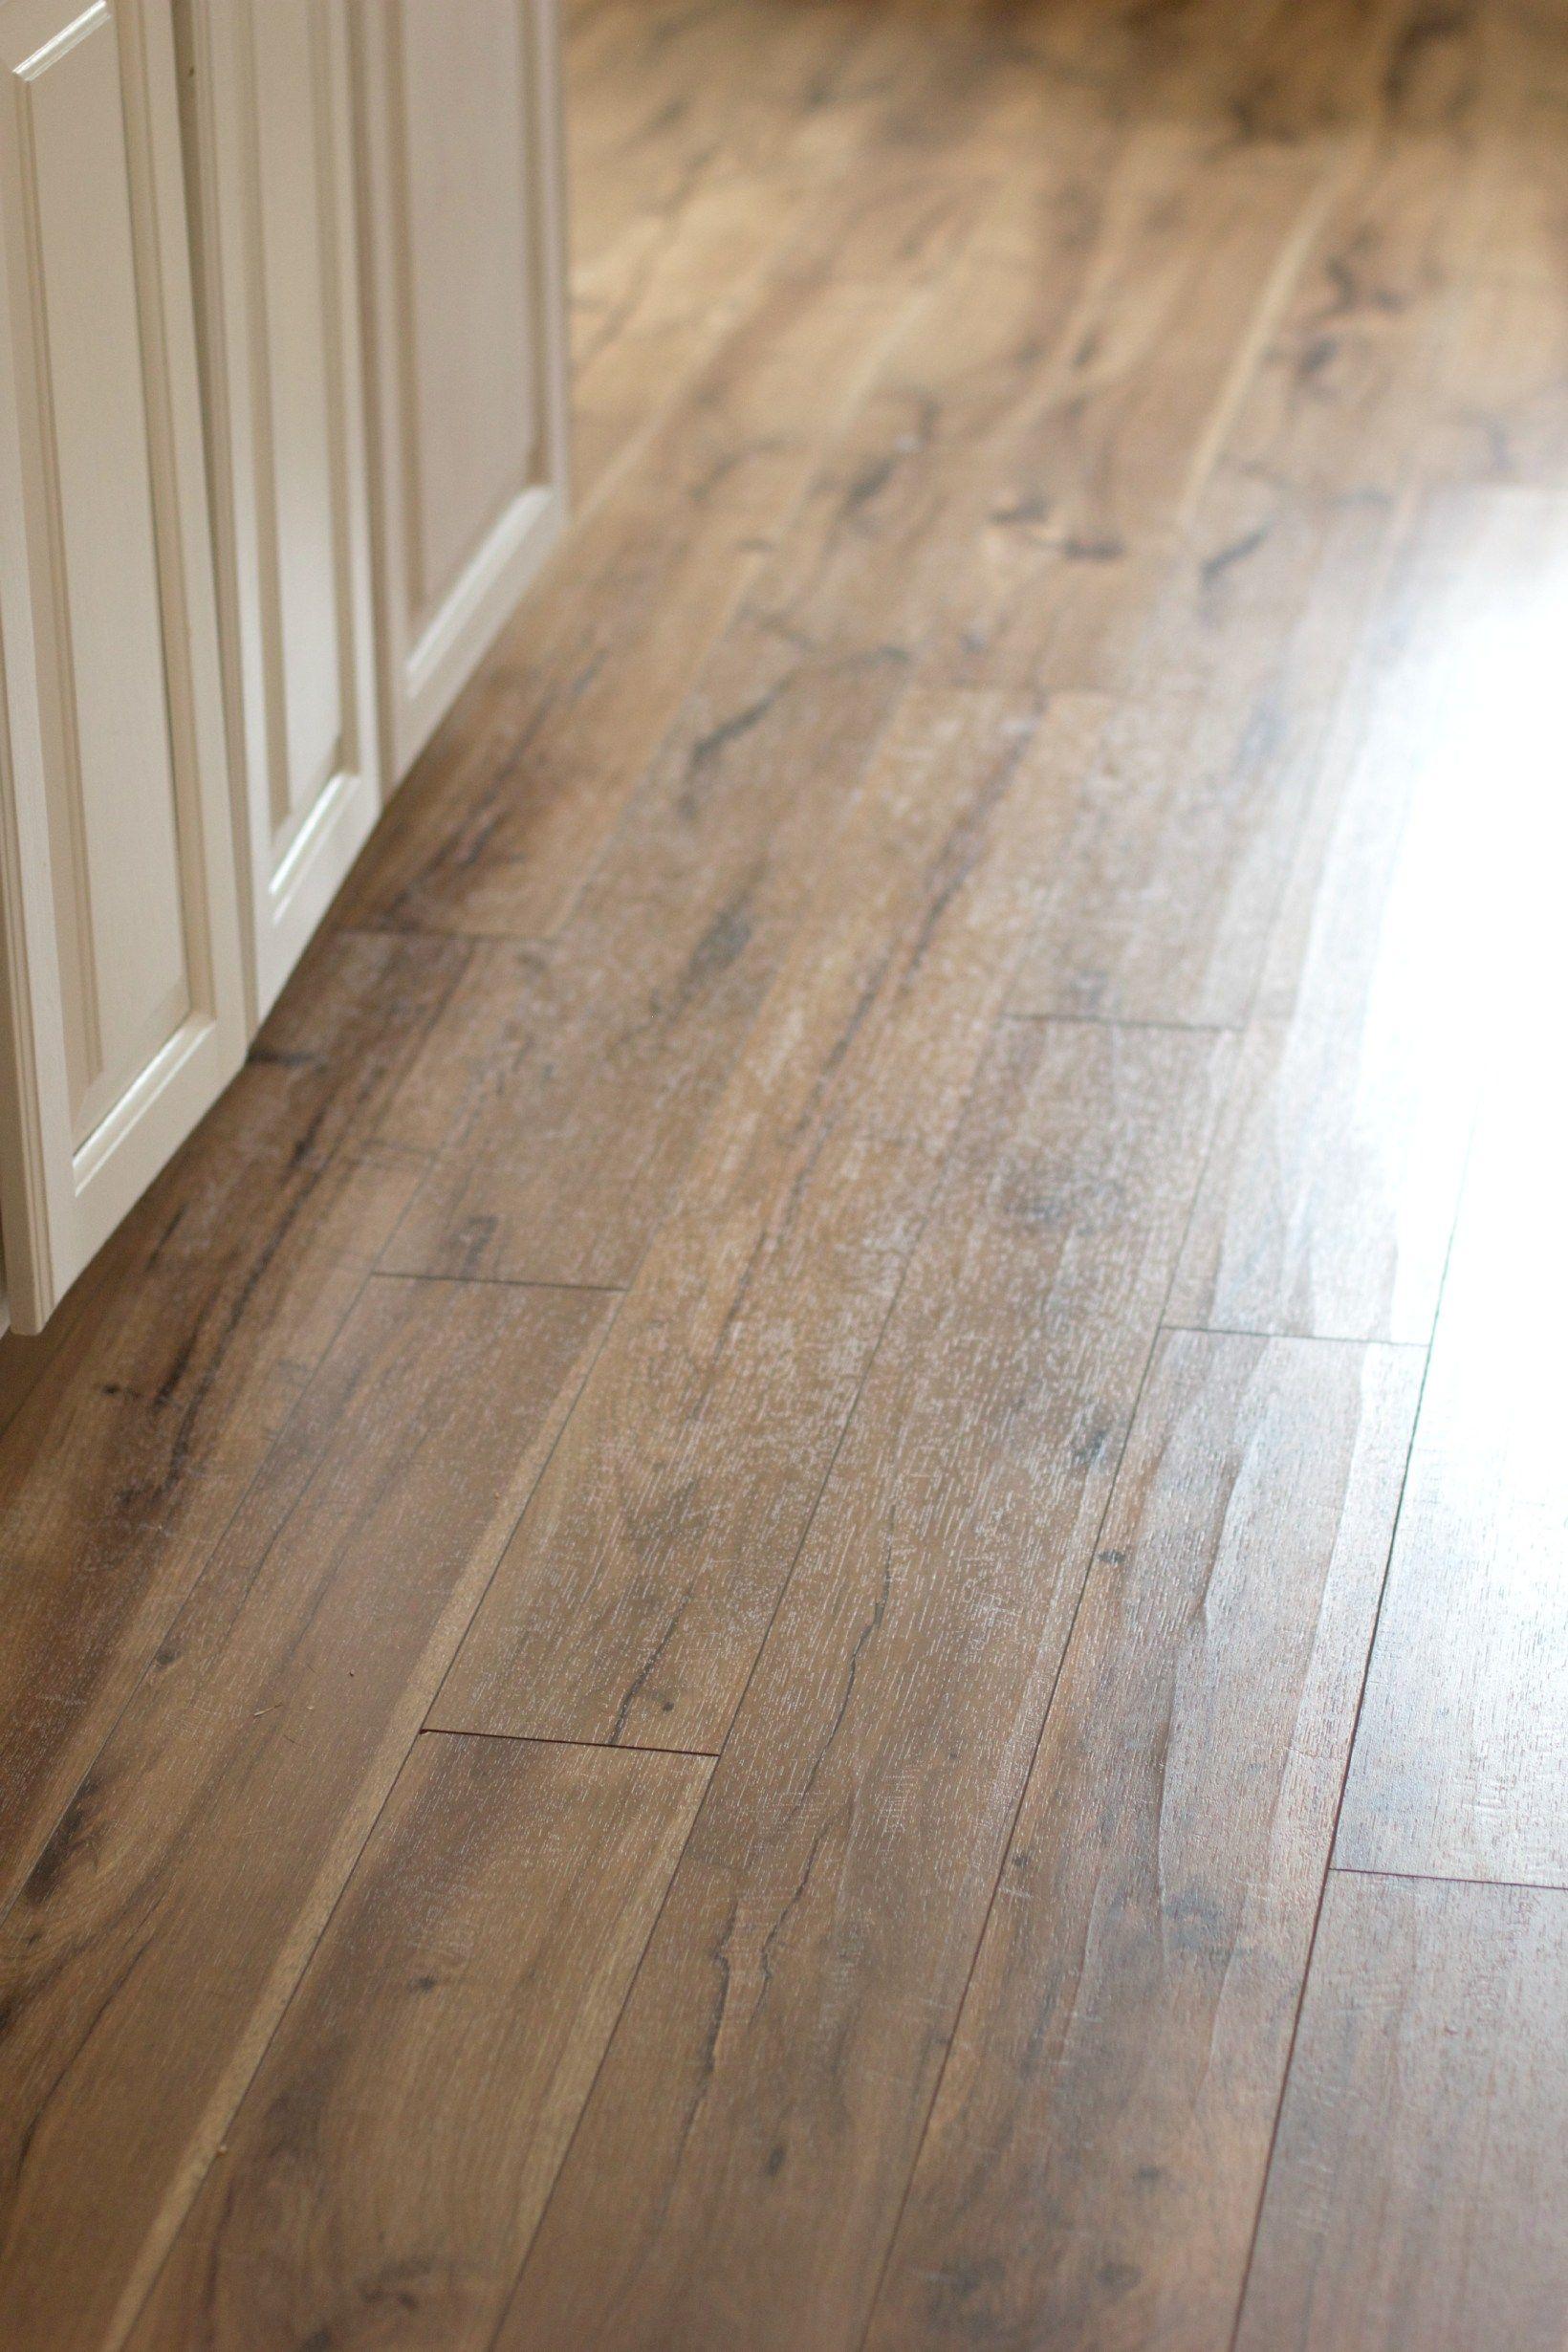 Home Caring For Pergo Flooring Lauren Mcbride